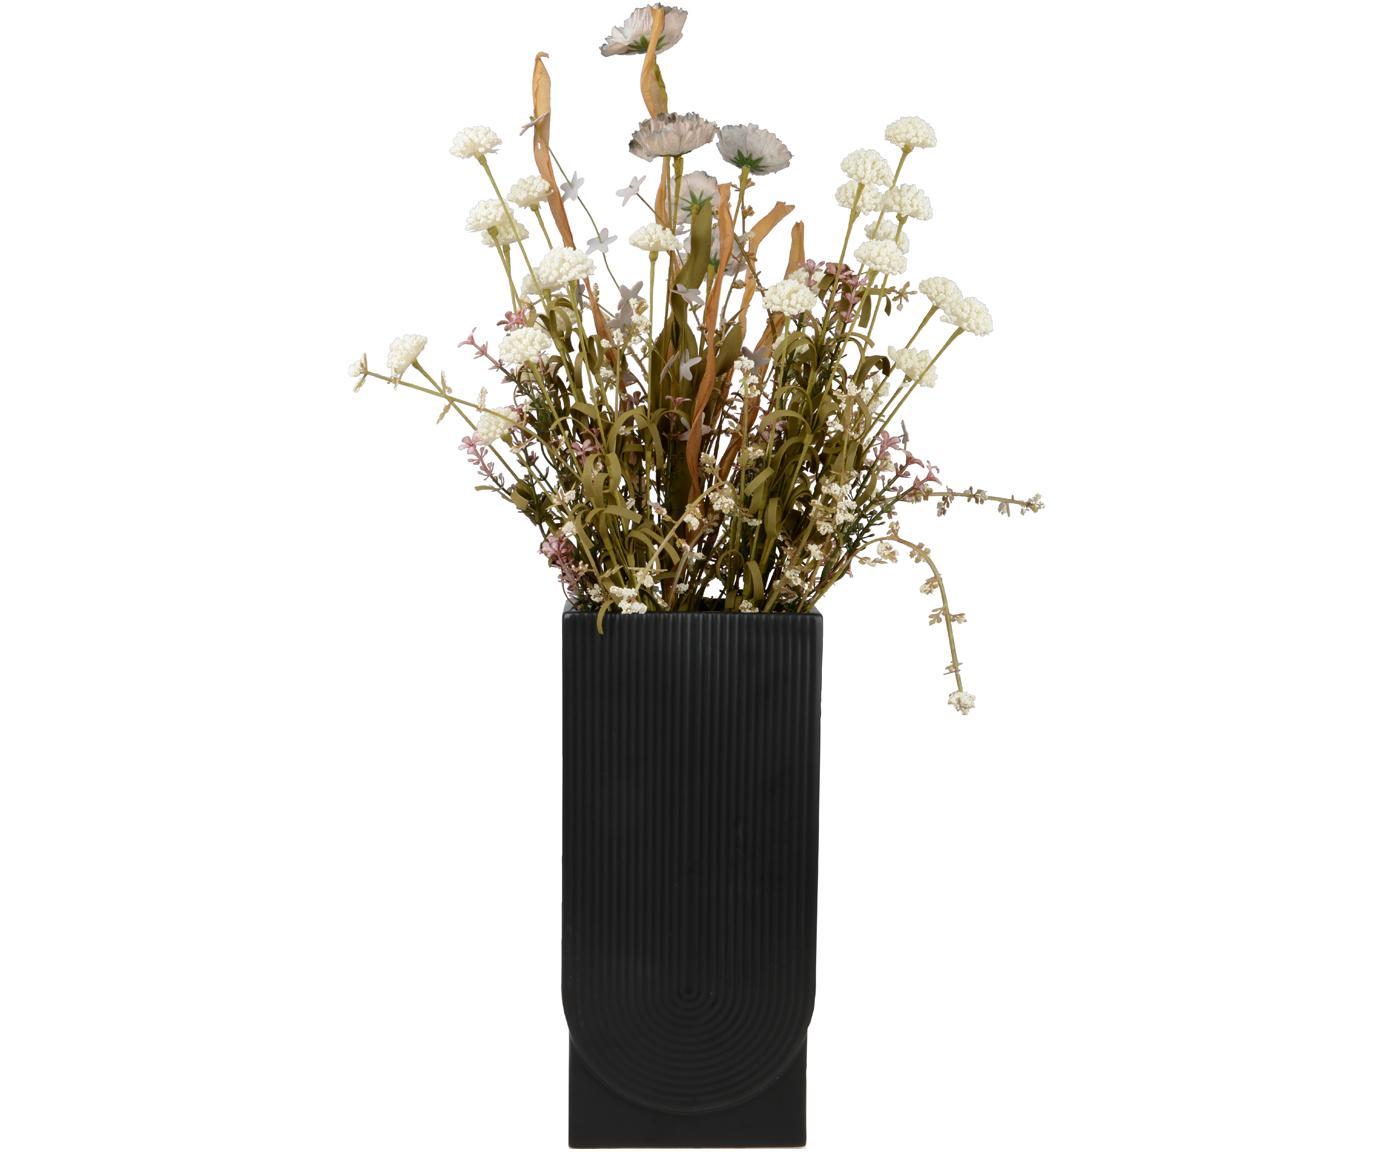 Vase Rainbow aus Metall, Metall, beschichtet, Schwarz, 14 x 30 cm